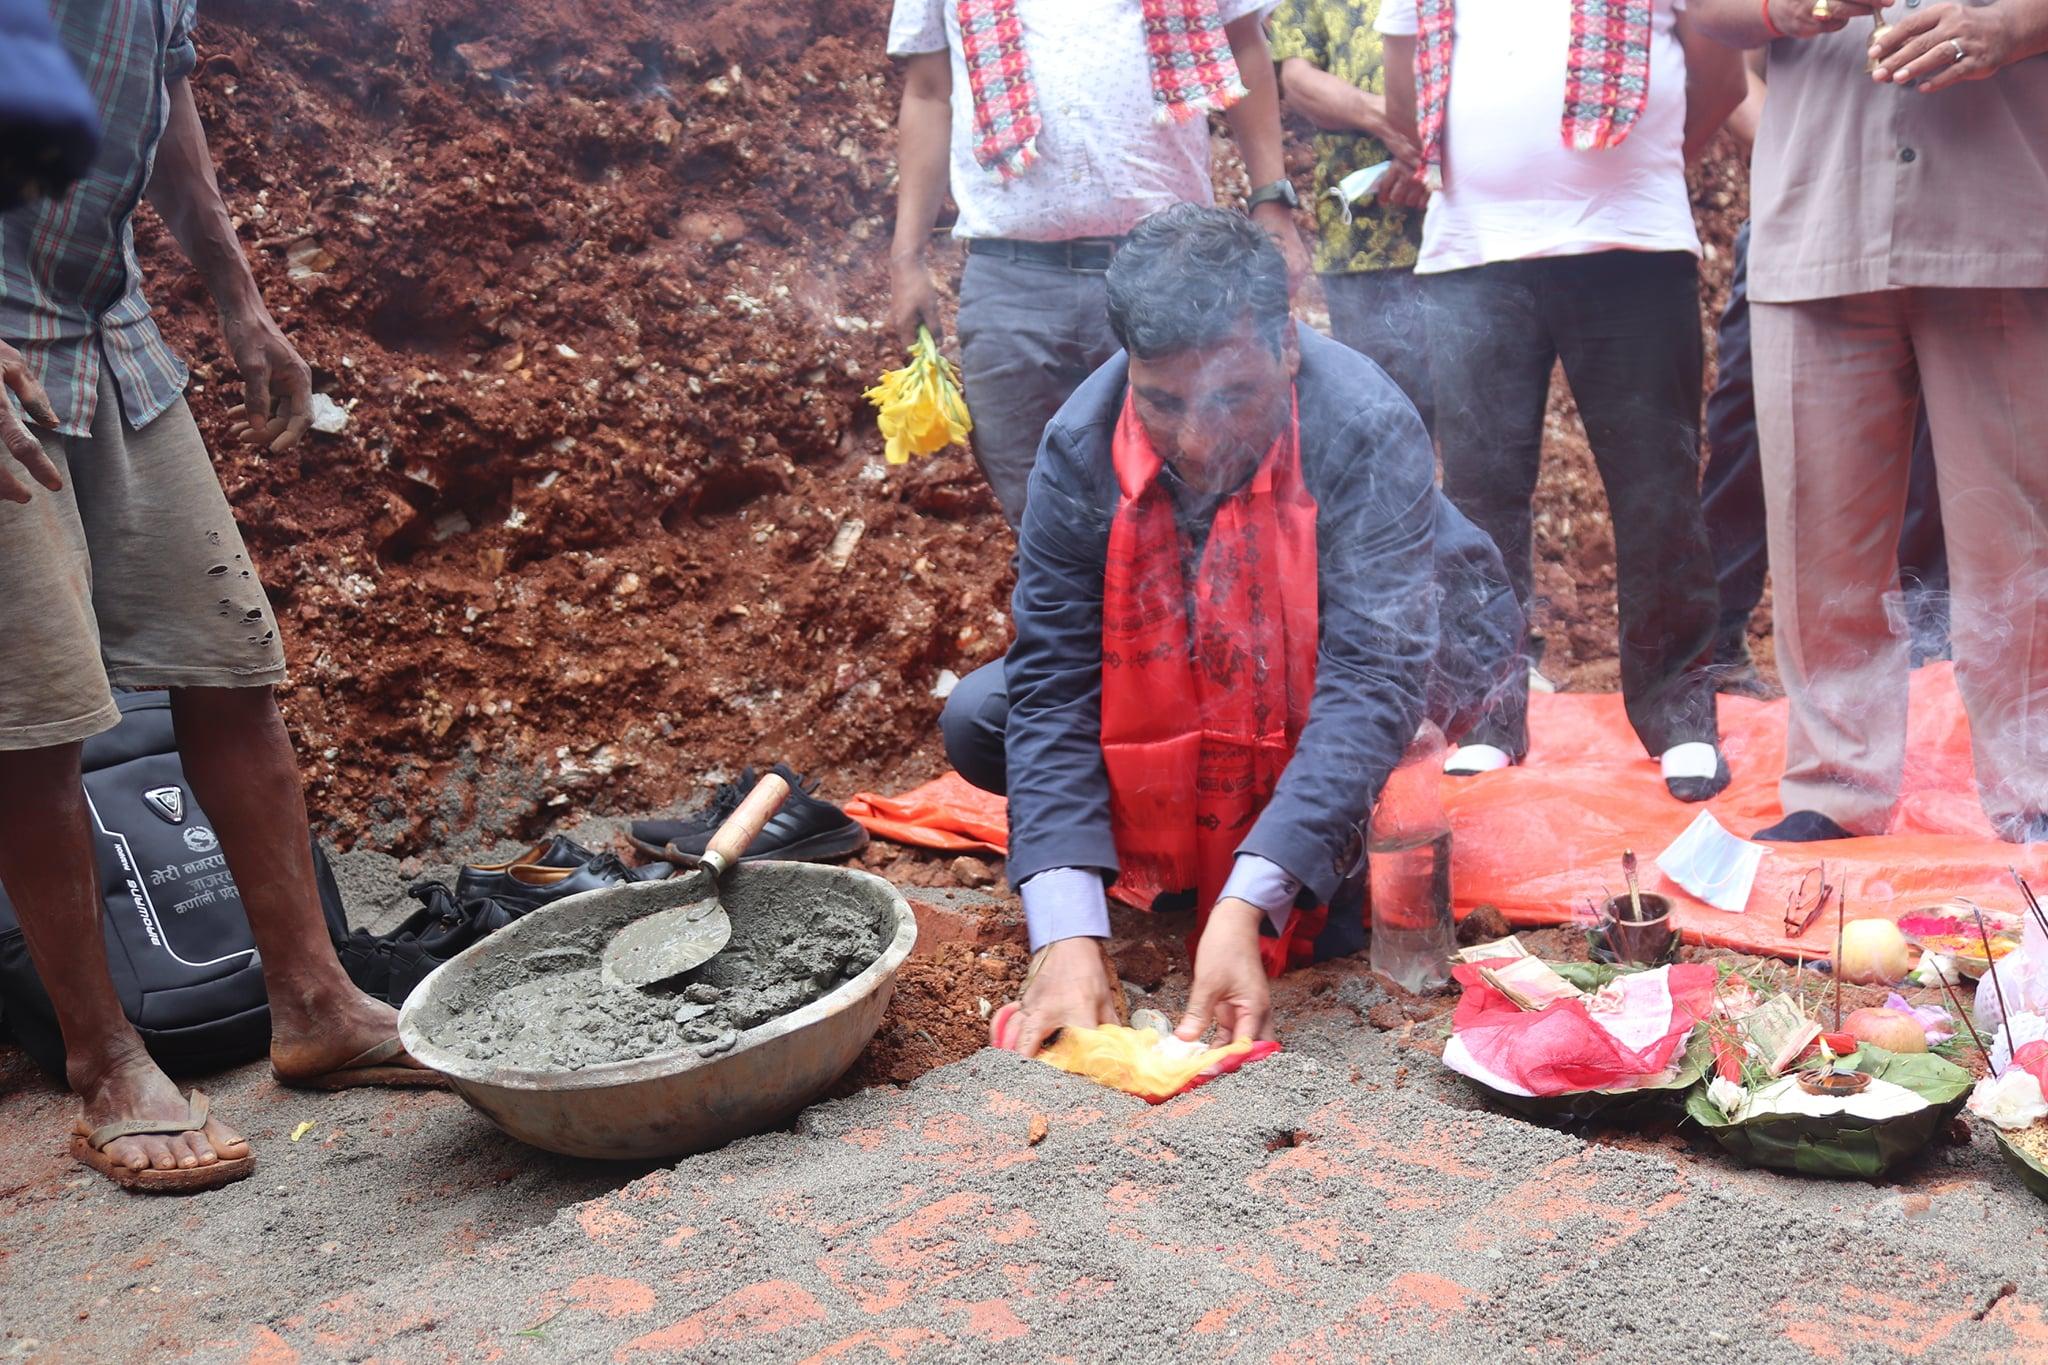 राताचौरमा जडिबुटी उत्पादन तथा प्रशोधन केन्द्र स्थापना हुदै